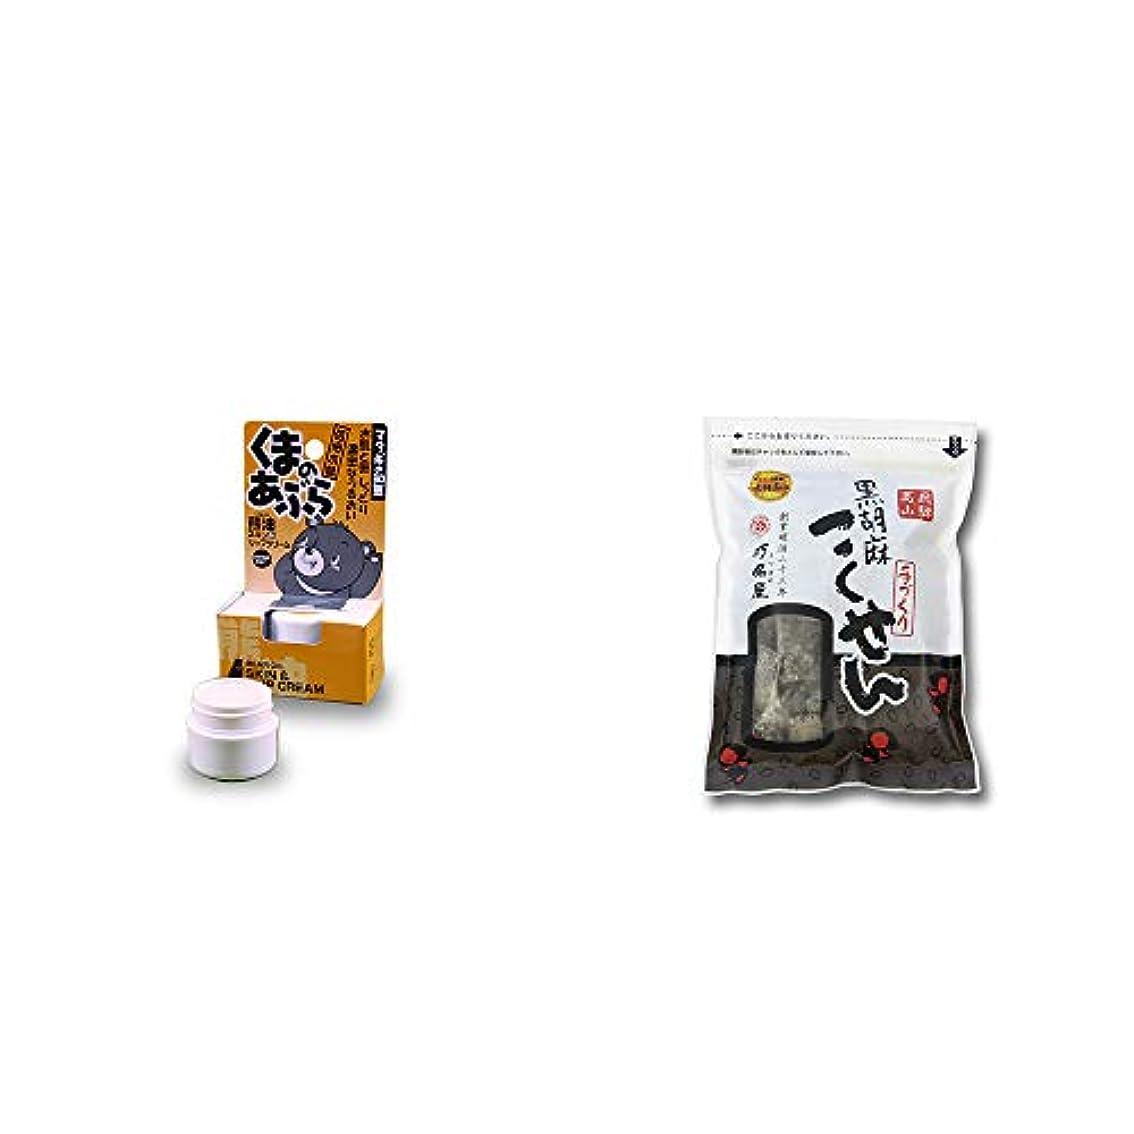 [2点セット] 信州木曽 くまのあぶら 熊油スキン&リップクリーム(9g)?飛騨 打保屋 駄菓子 げんこつきなこ(250g)